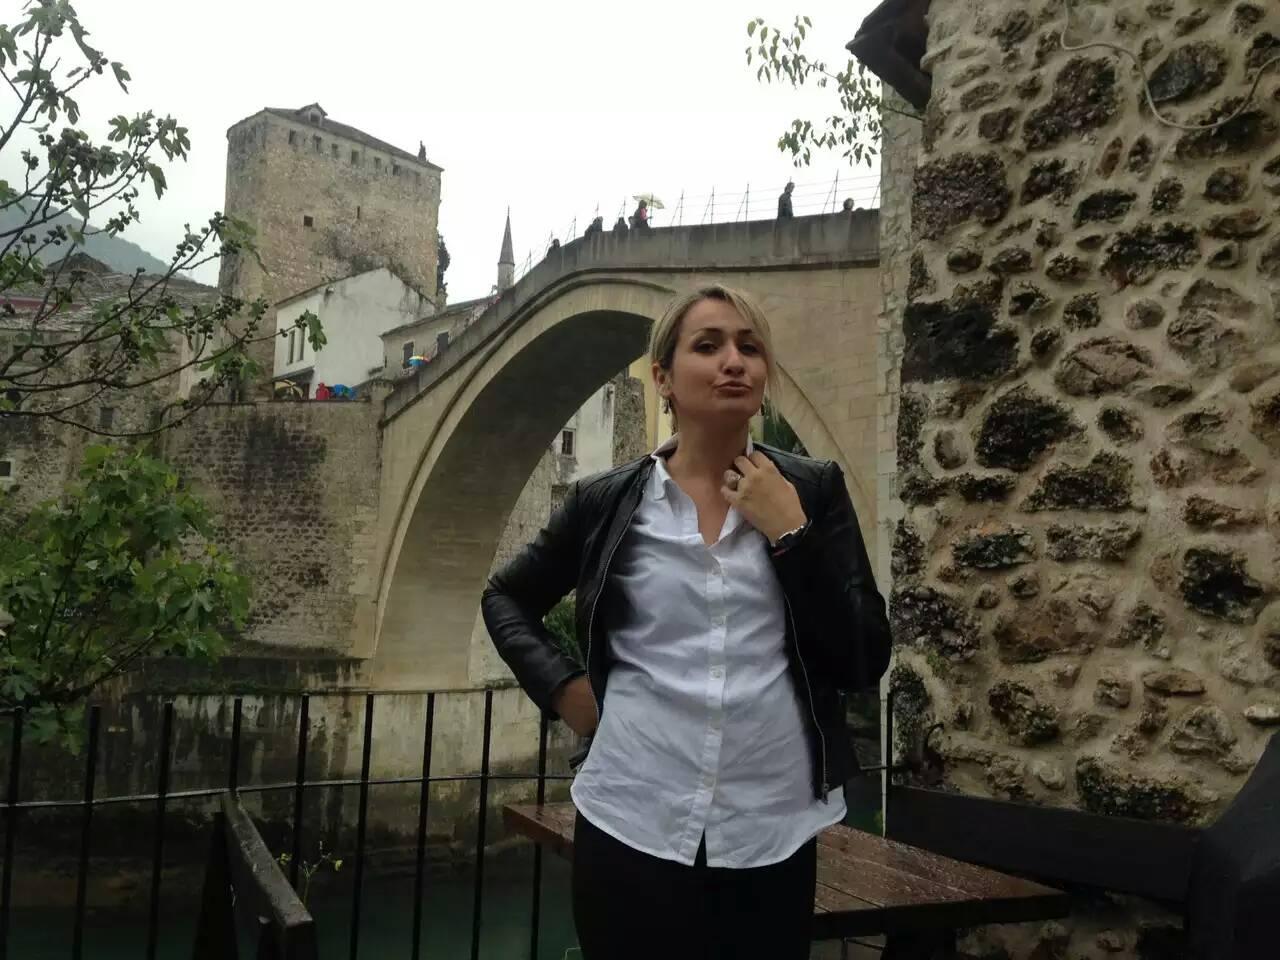 娜娜带您发现克罗地亚和巴尔干